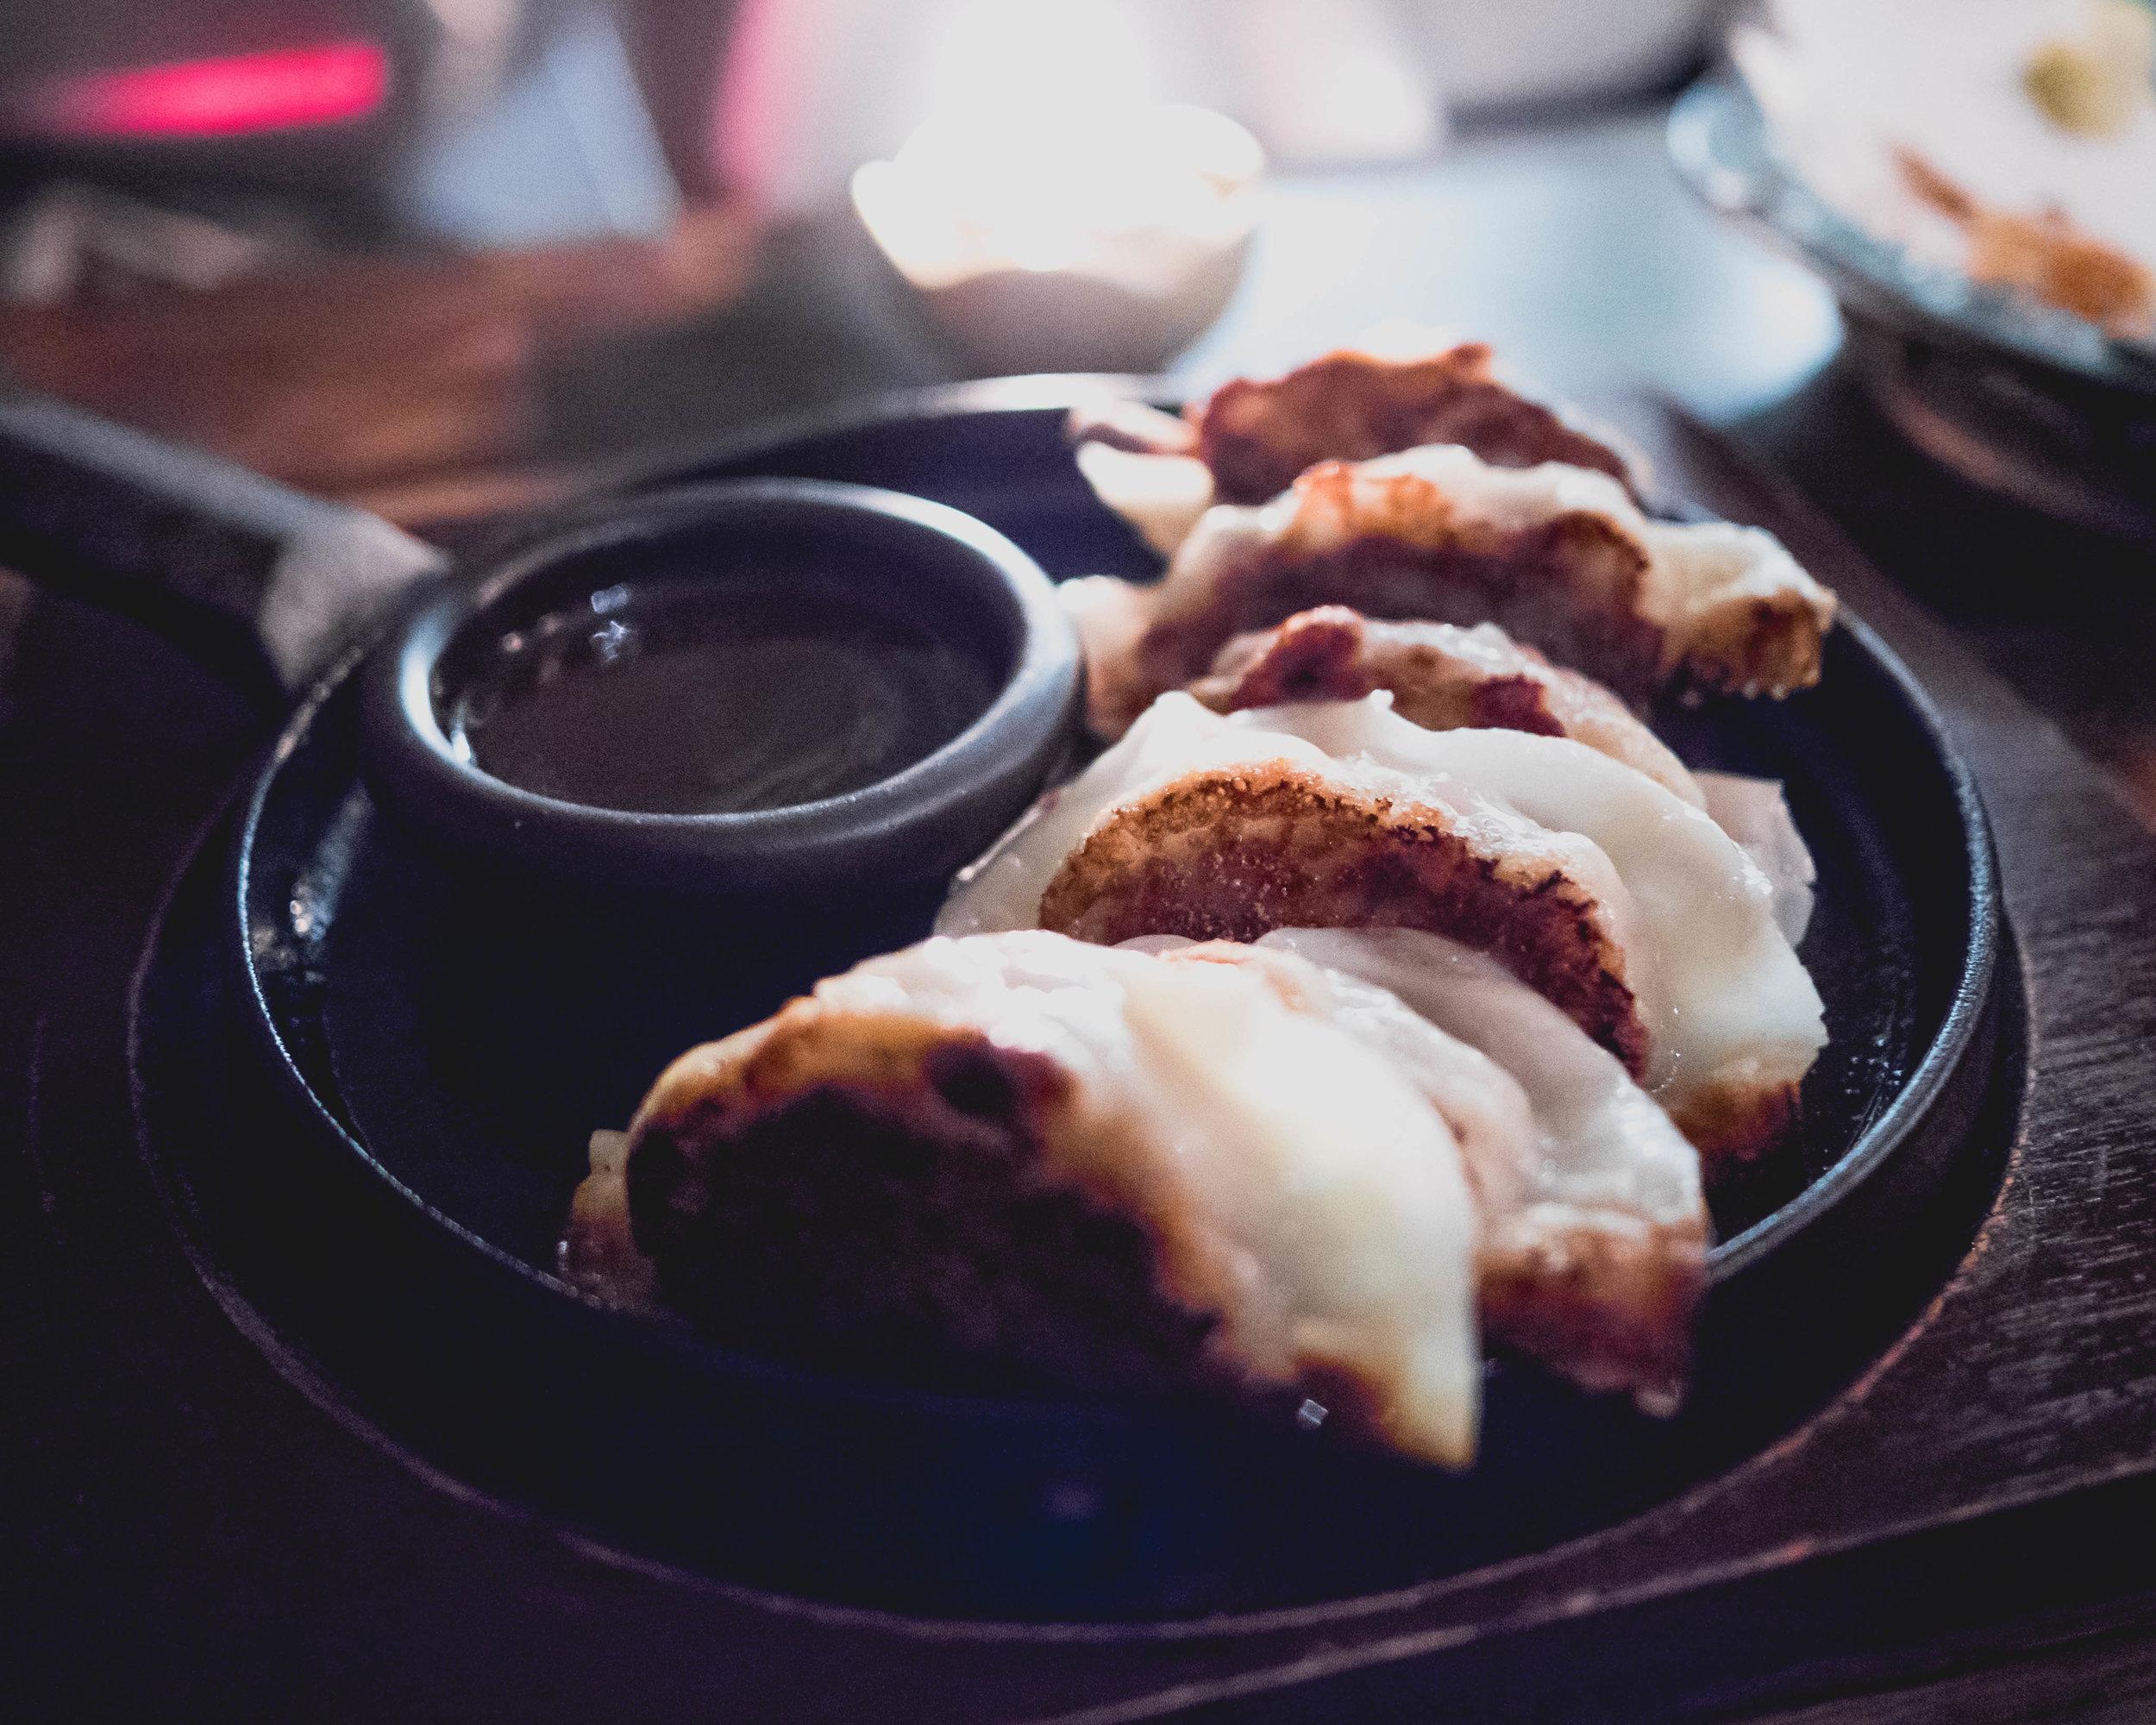 gyoza : pan-fried pork dumplings, aged riesling vinegar.